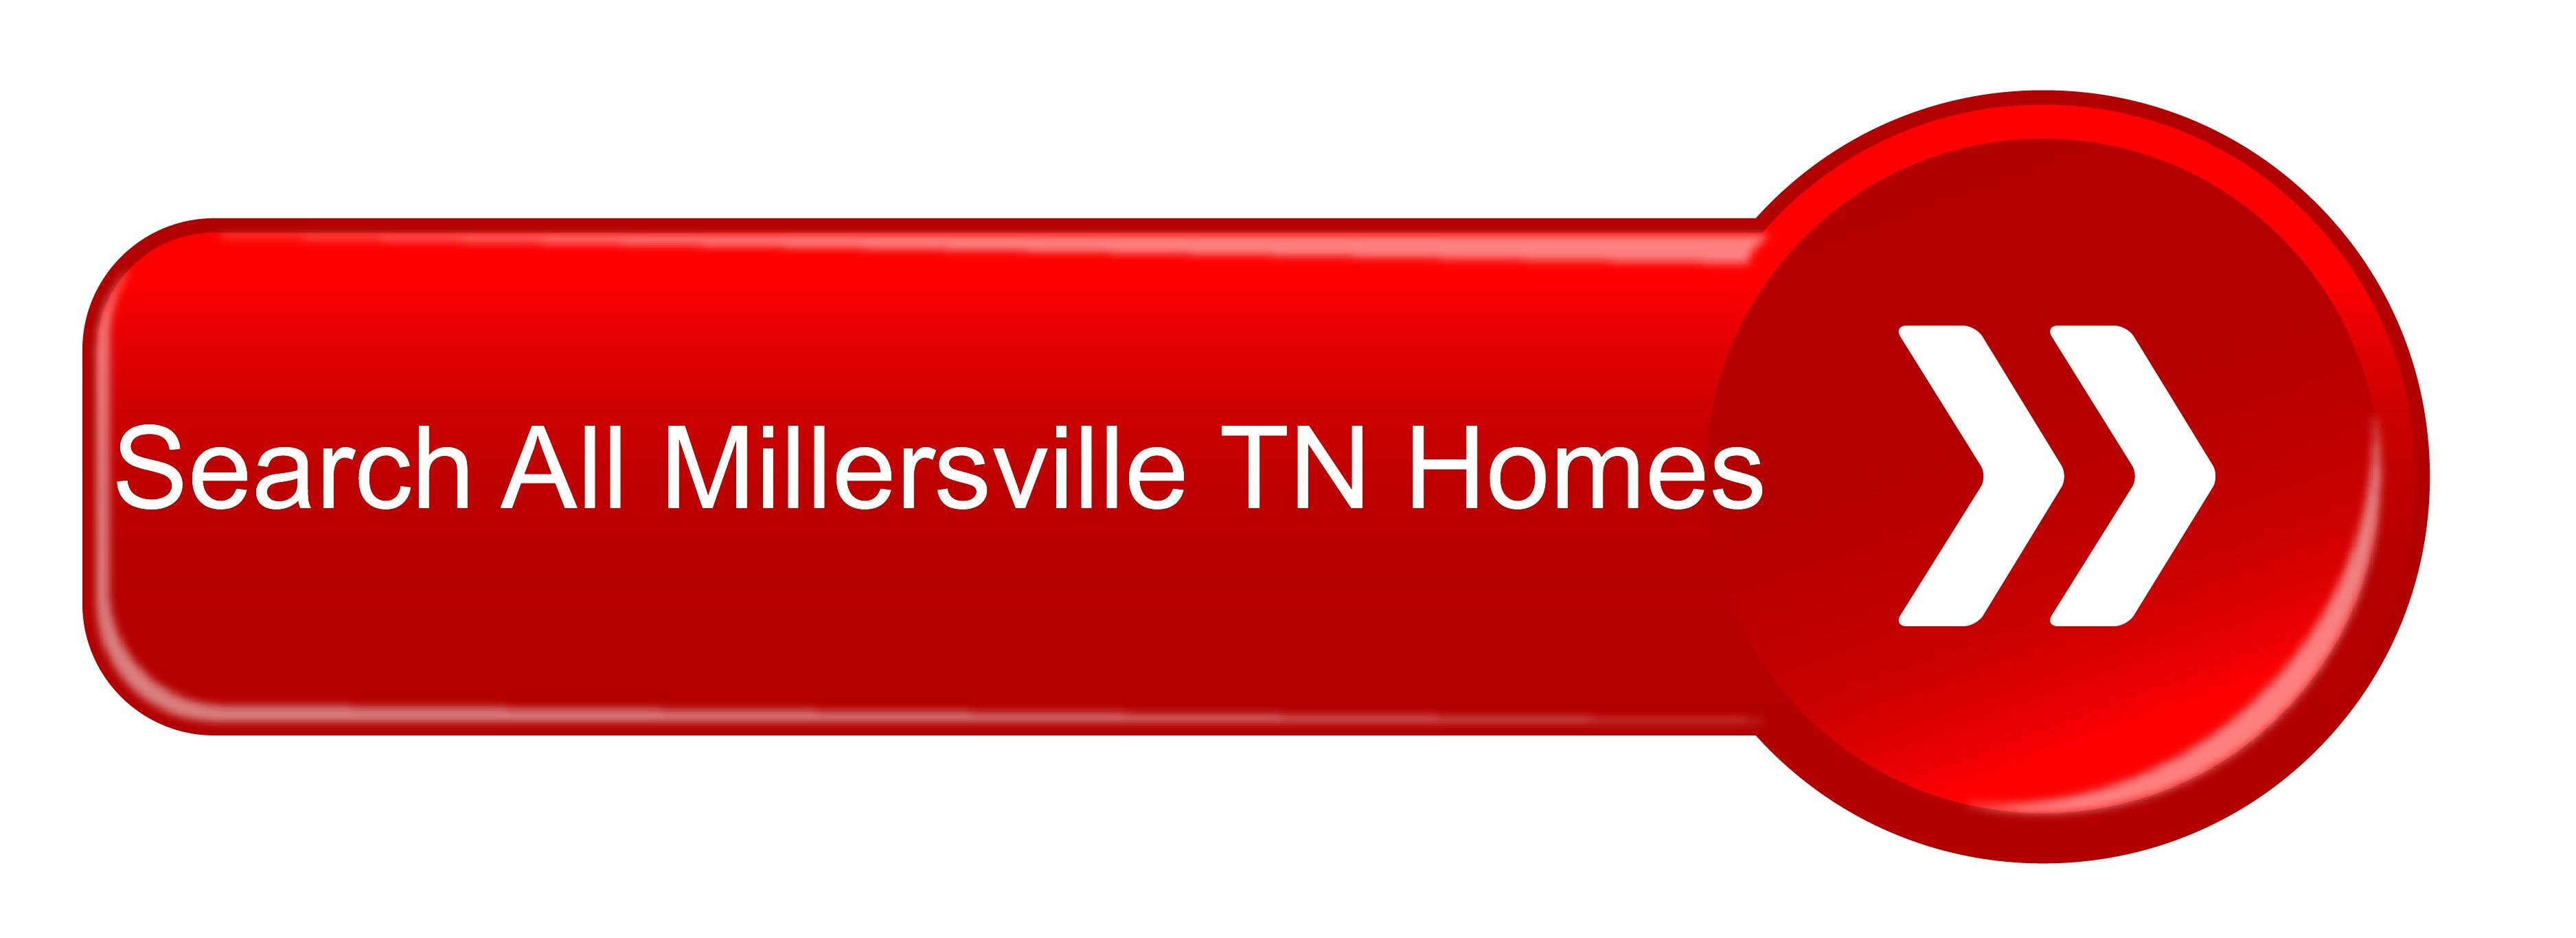 MillersvilletnHomeSearchbutton